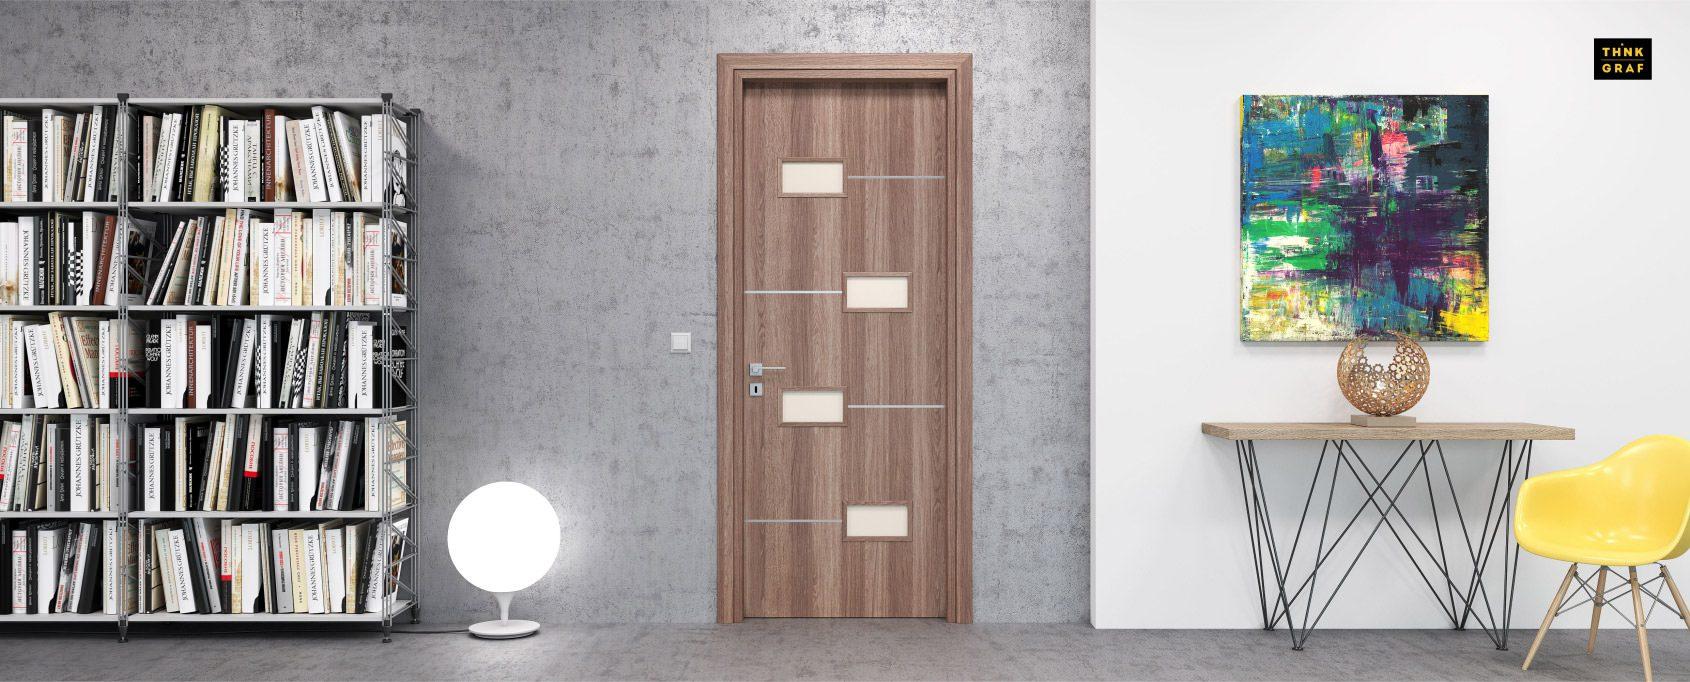 Coverdoors 3D design & visualisation